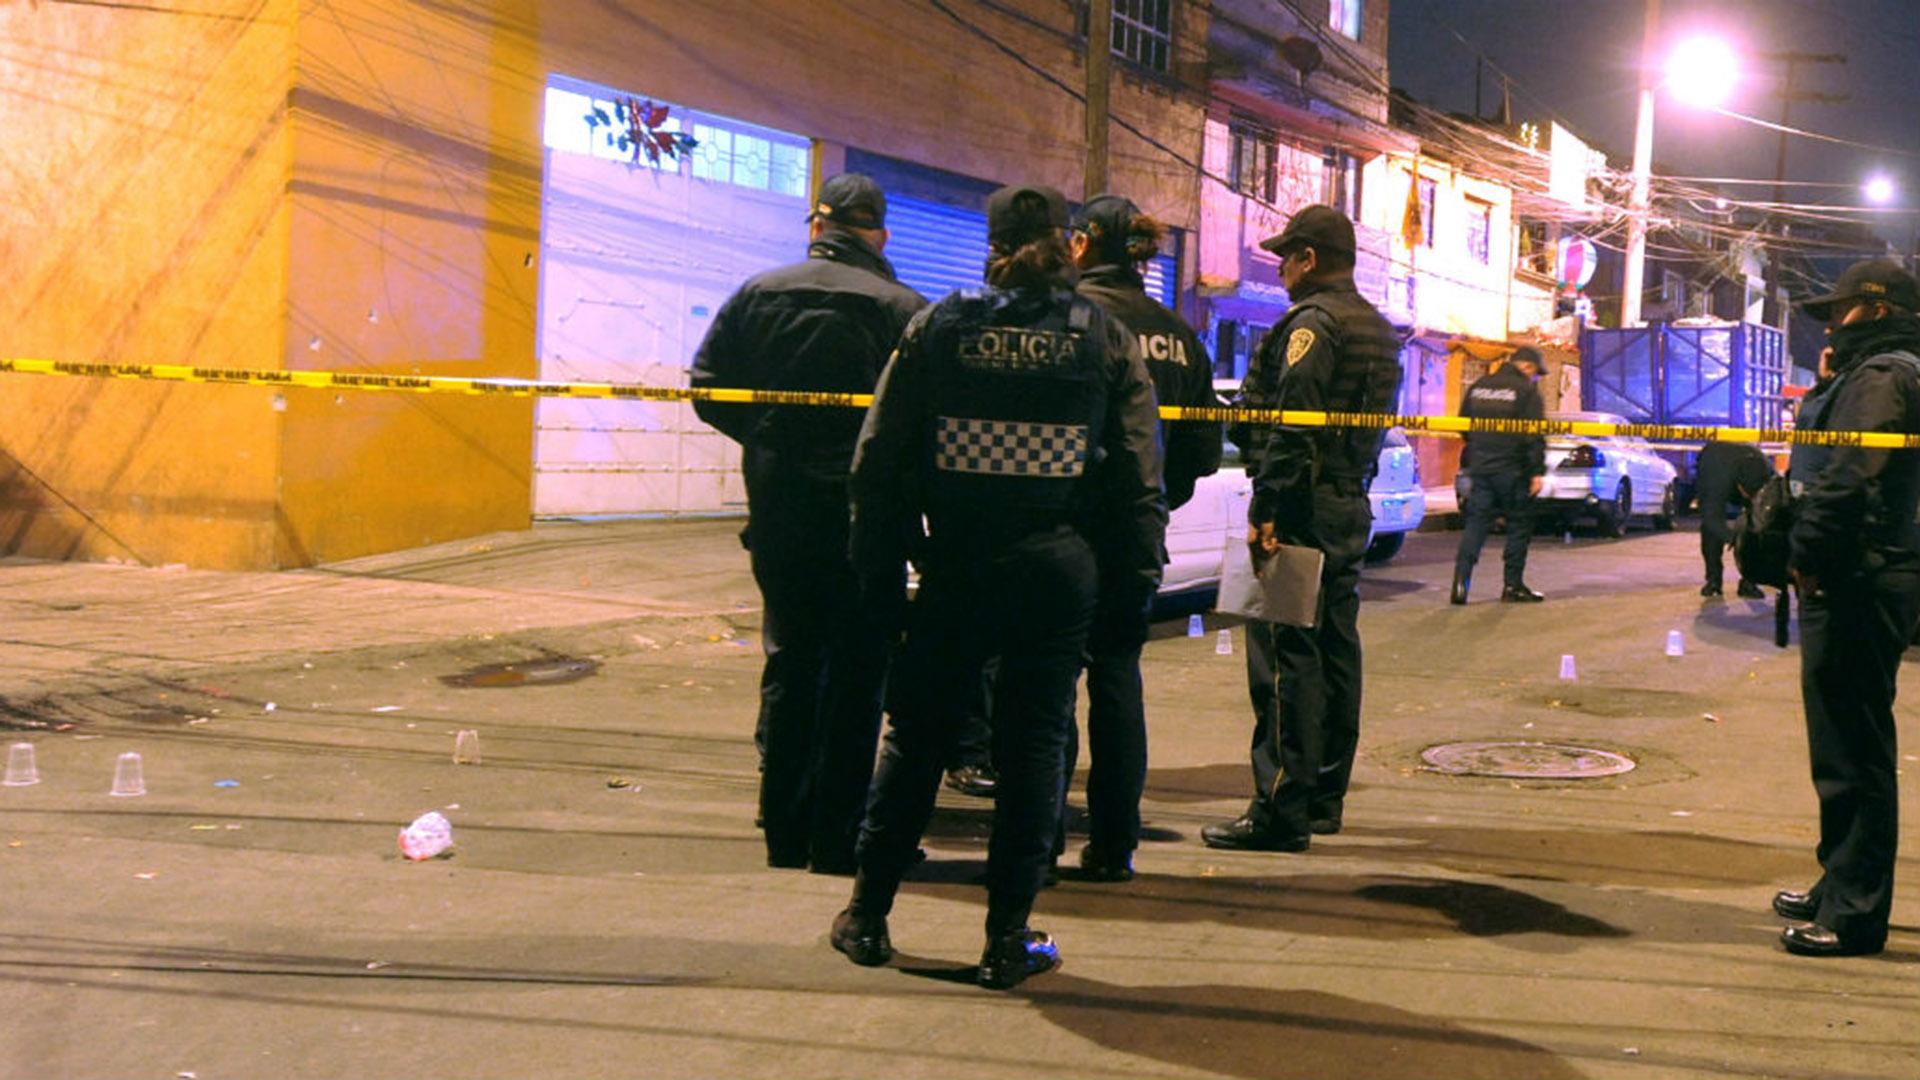 En Coyoacán 6 hombres armados irrumpieron en una fiesta y dispararon contra los asistentes. (Foto: Cuartoscuro)